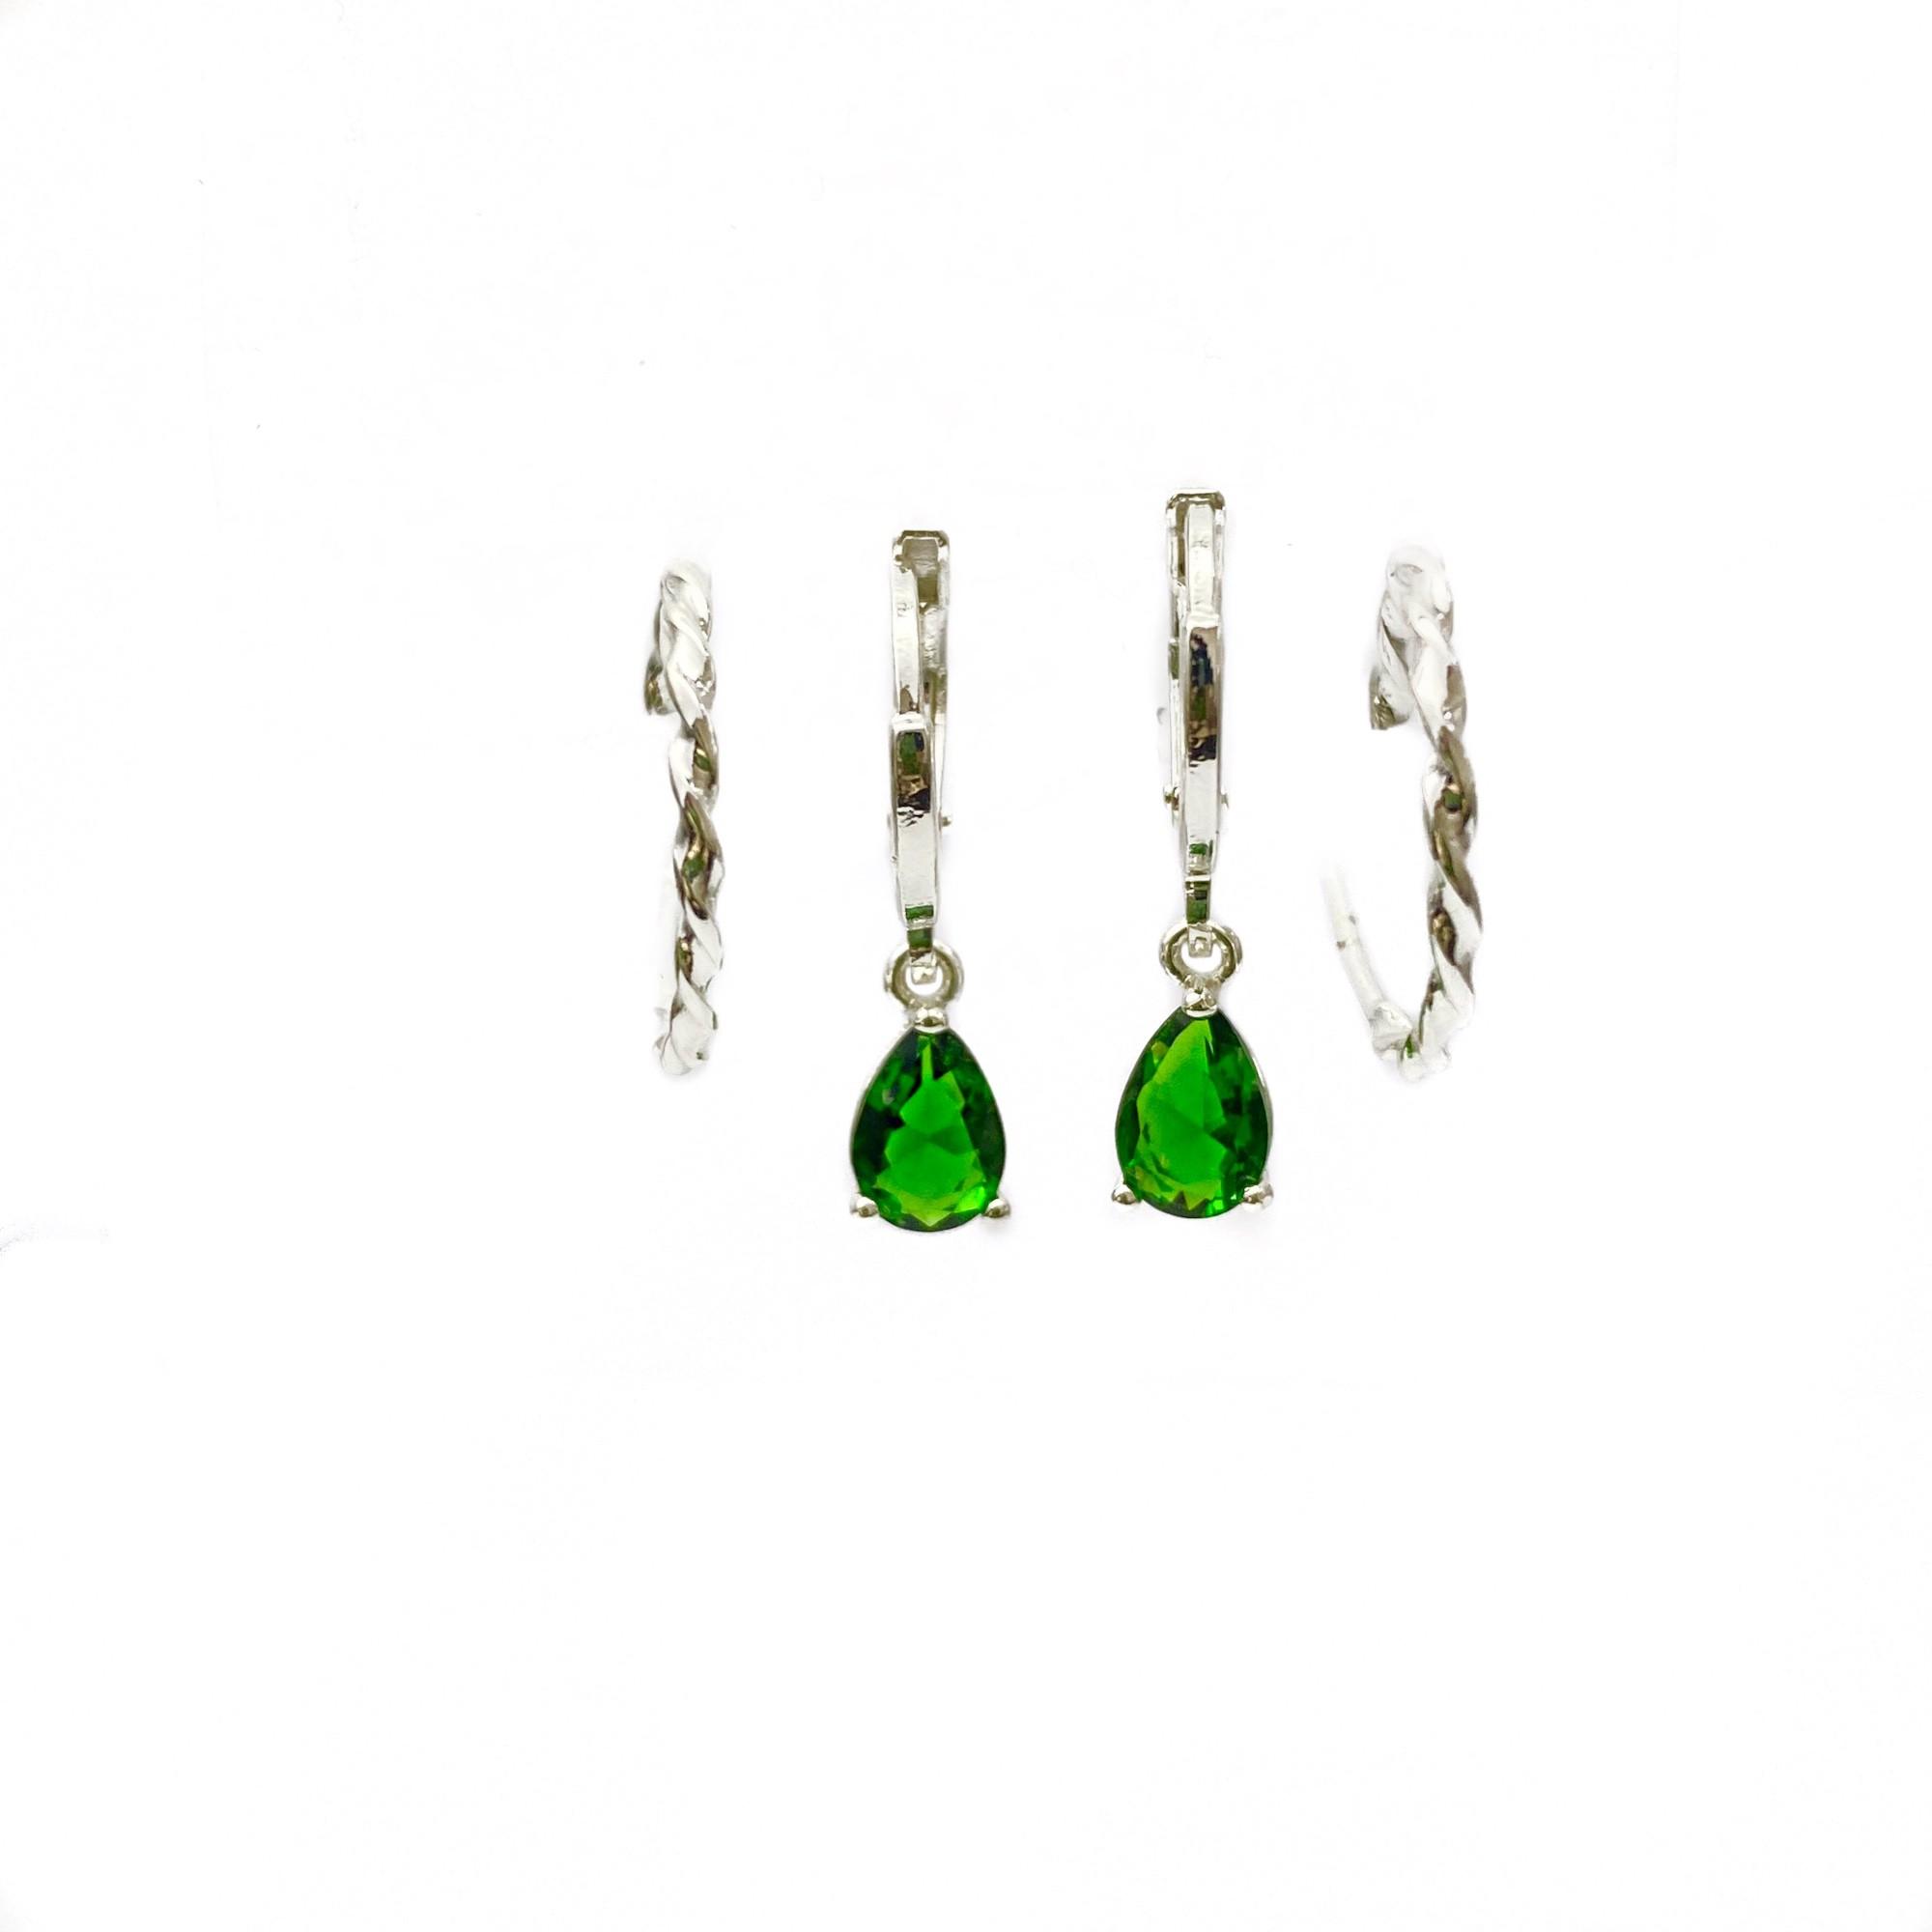 Dupla De Brincos Argola Trançada + Pedra Verde (Banho Prata 925)